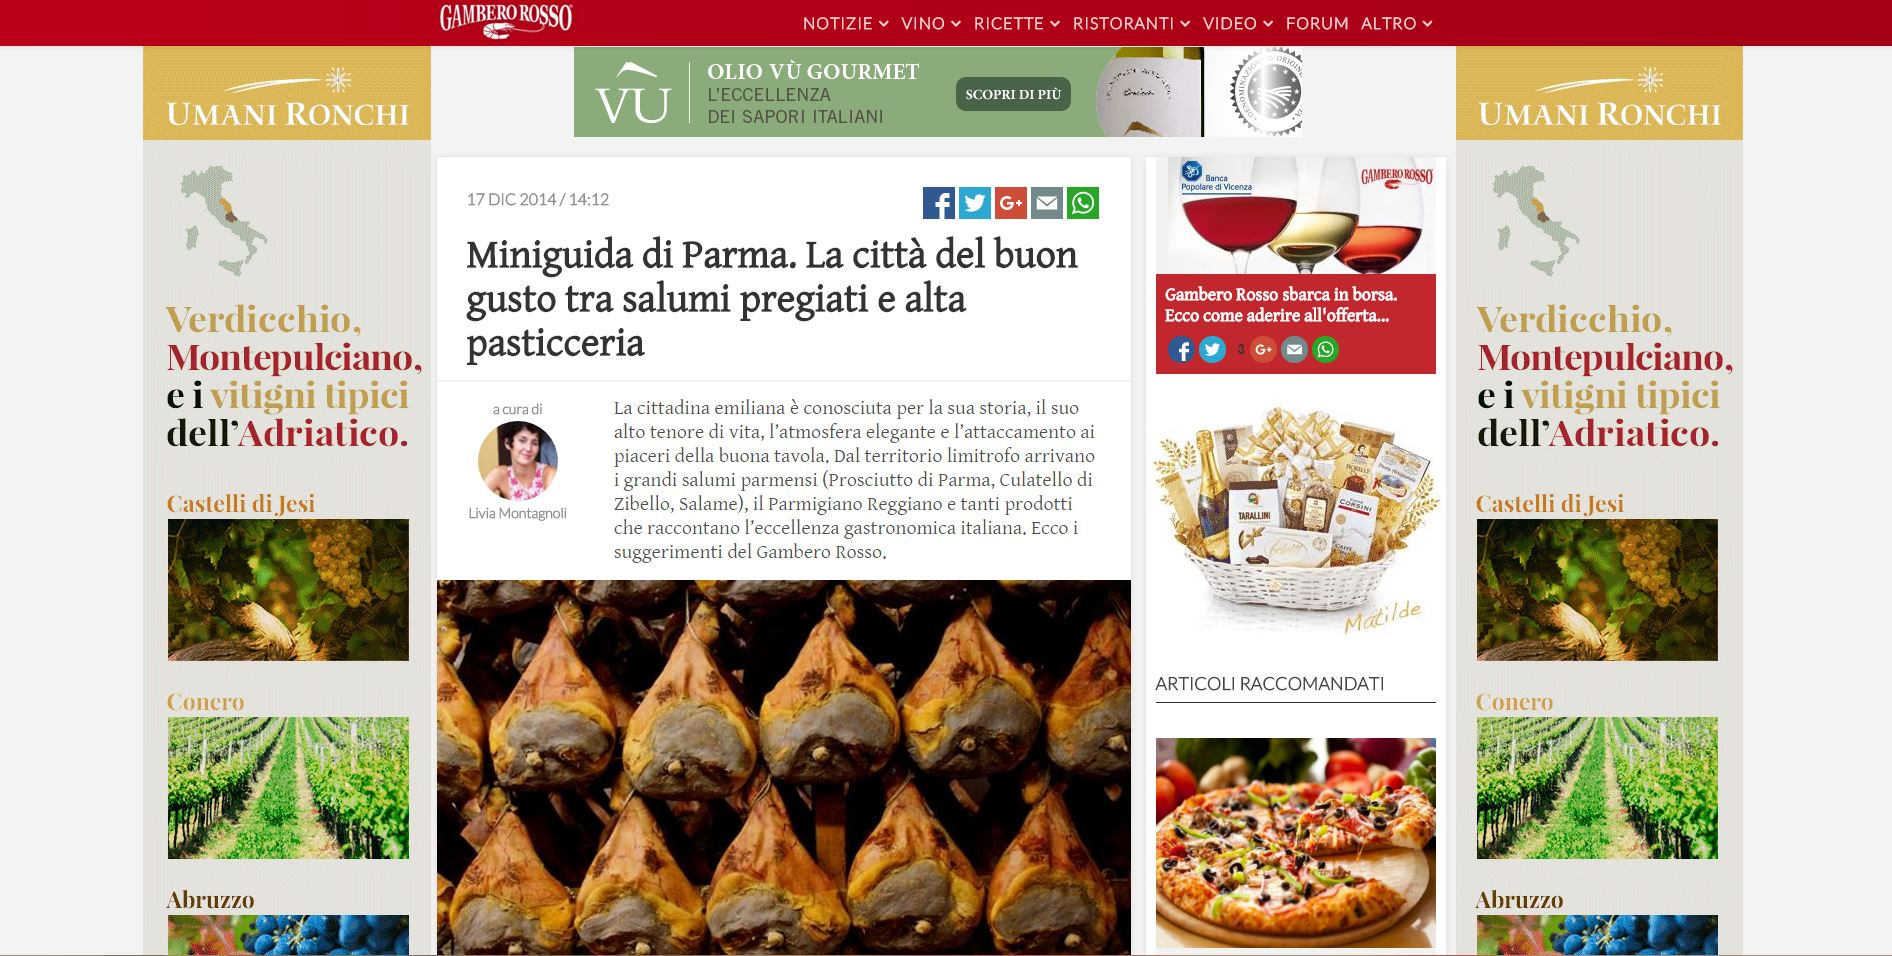 Salumi Parma Gambero Rosso